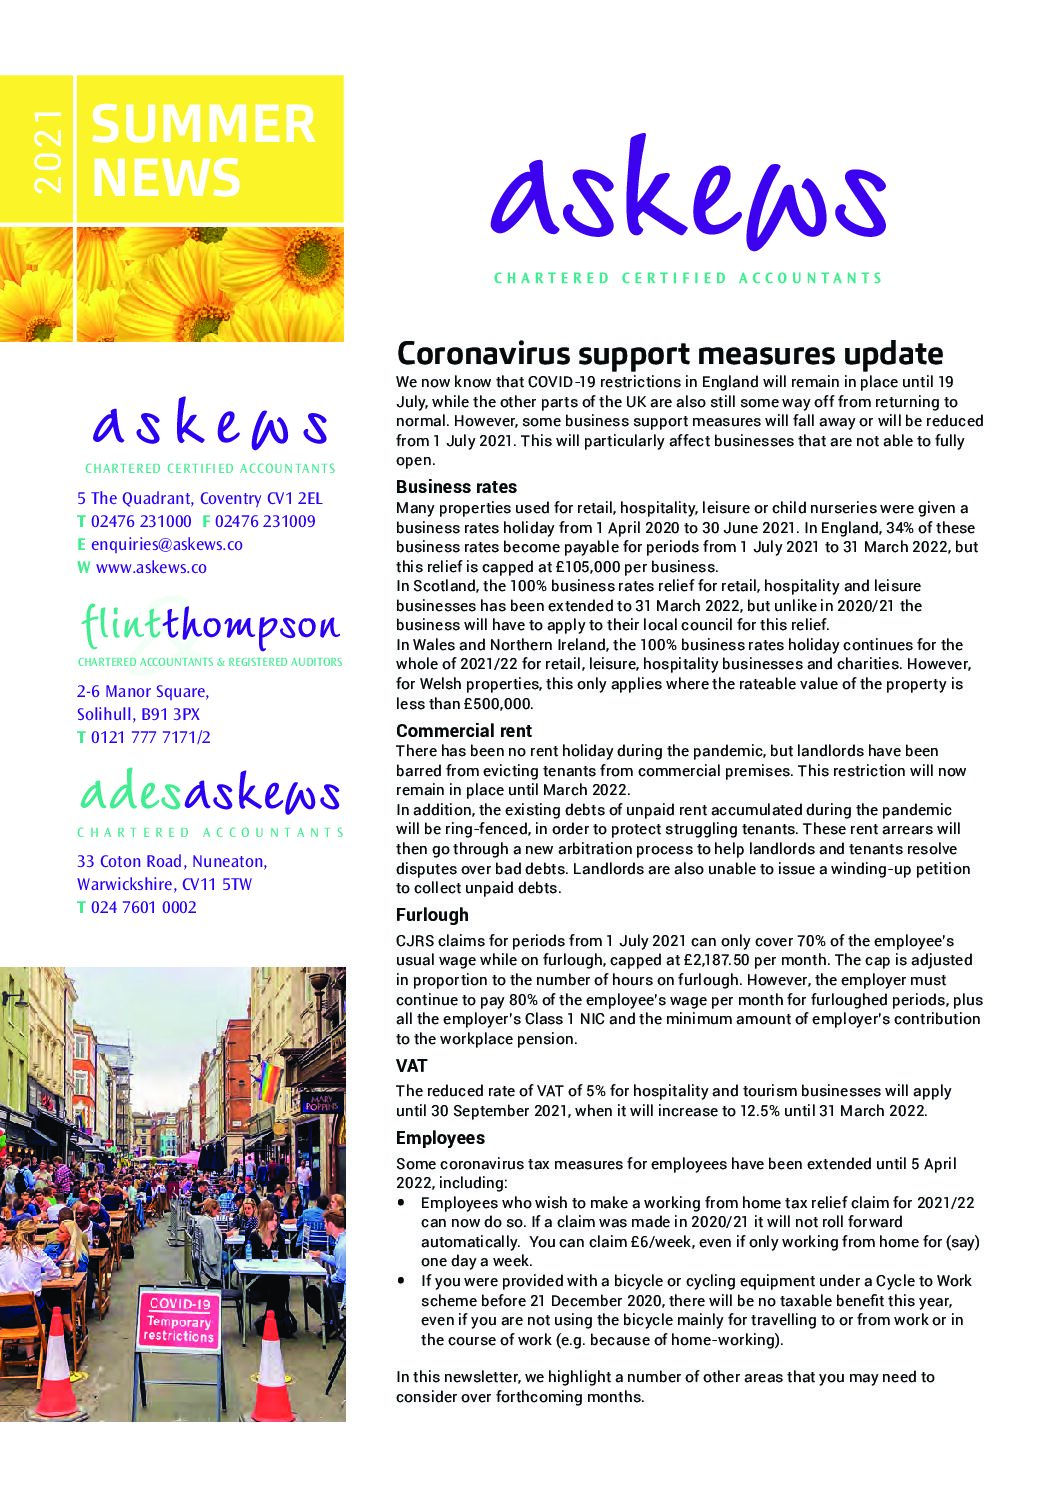 askew-associates-summer-newsletter